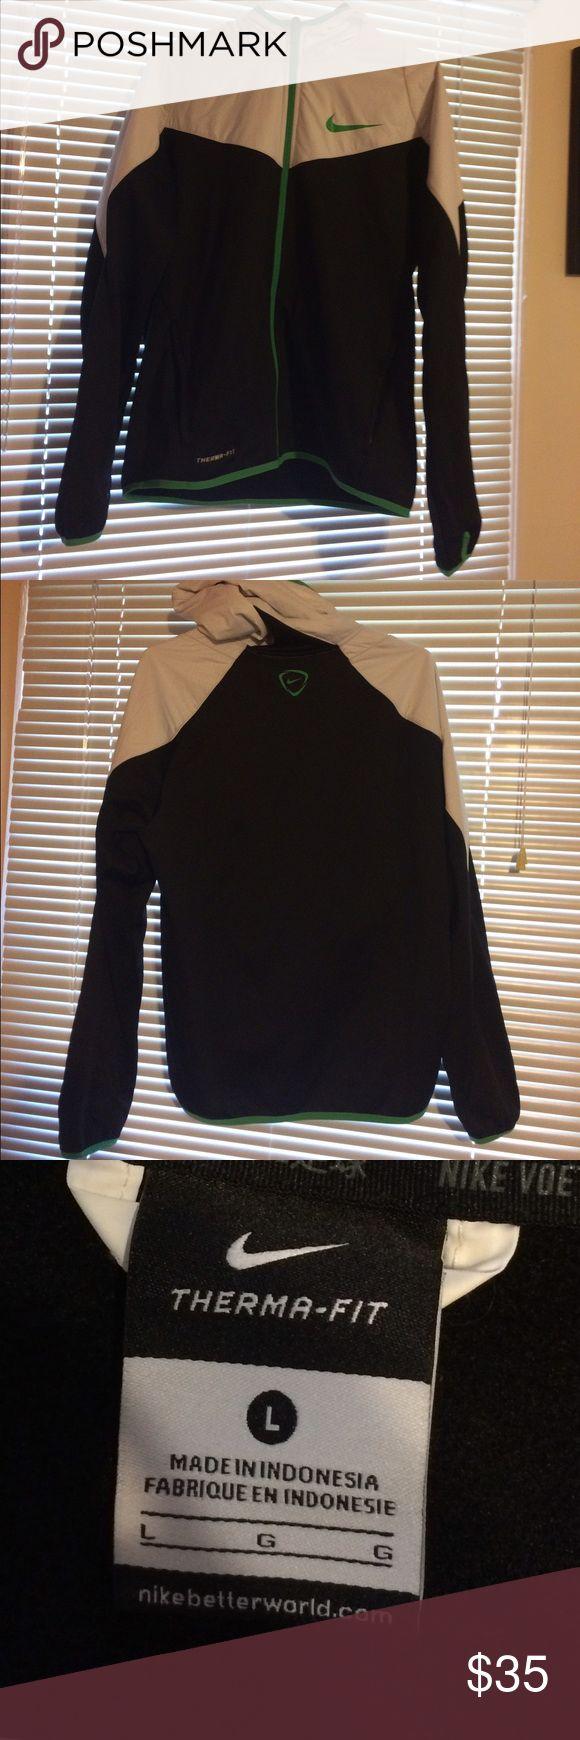 GREEN NIKE RUNNING JACKET GREEN/BLACK/WHITE Size:LARGE Nike Jackets & Coats